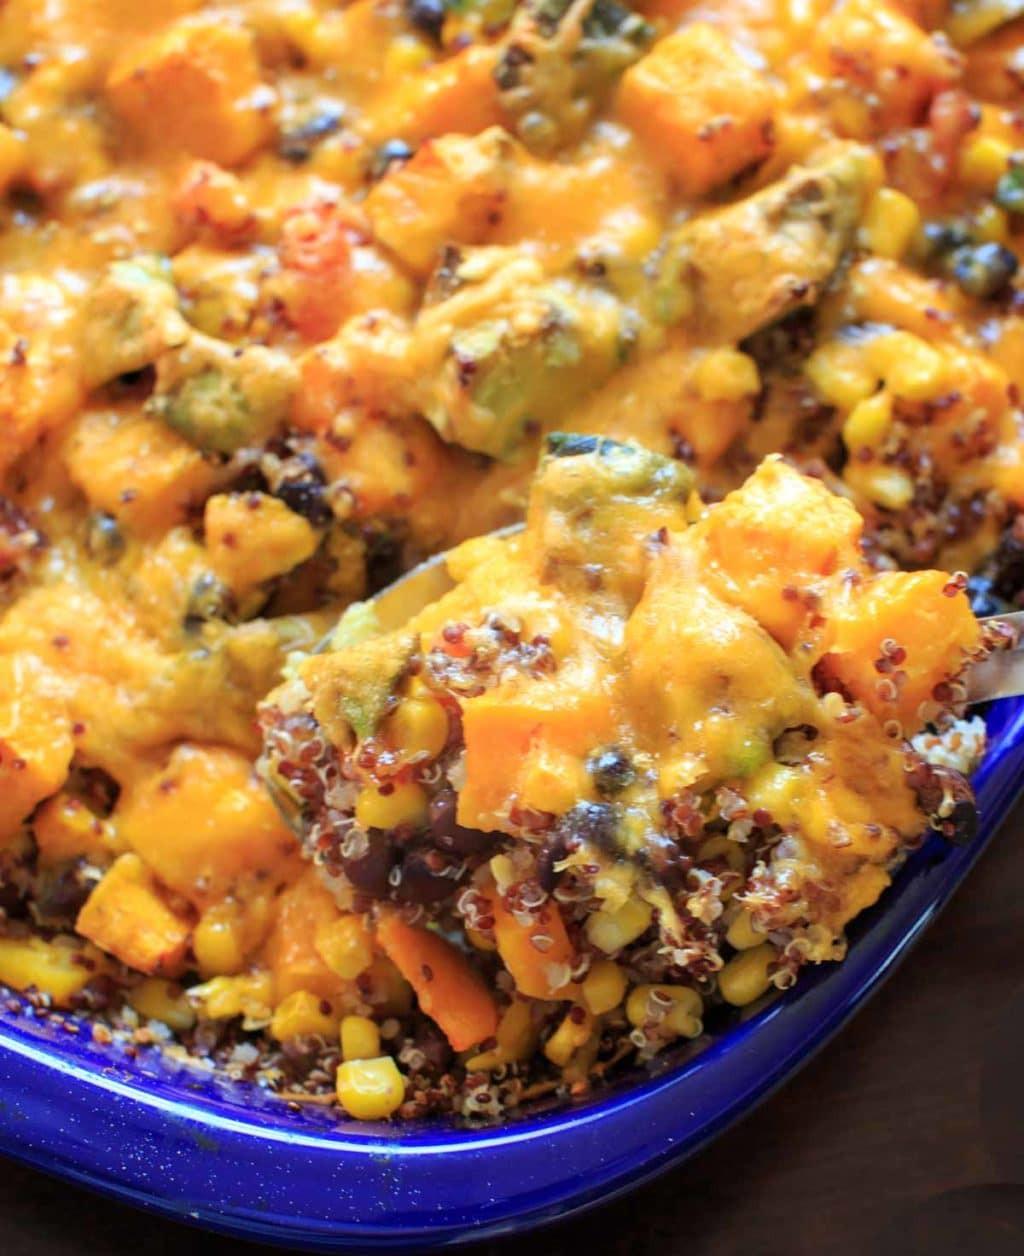 Vegetarian Butternut Squash Recipes  Butternut Squash Quinoa Casserole vegan friendly gluten